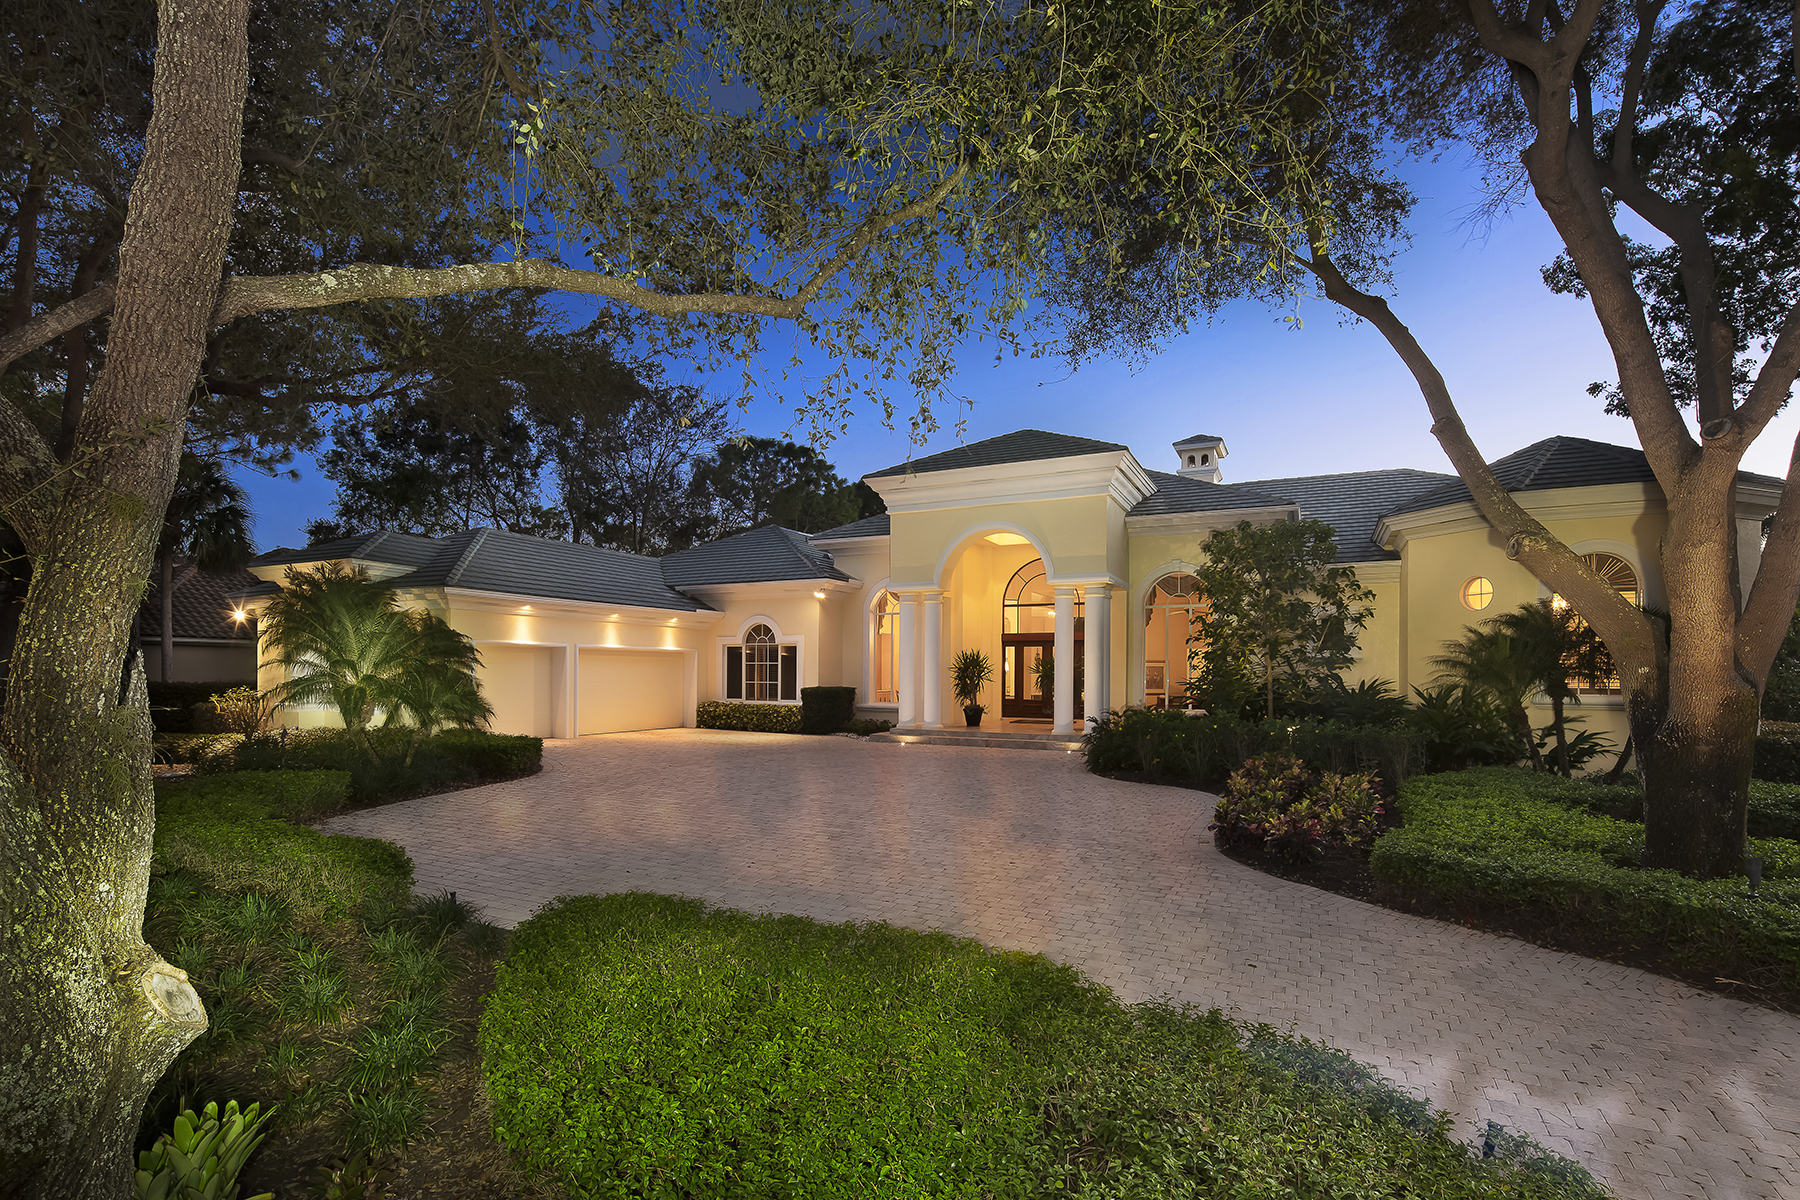 Частный односемейный дом для того Продажа на Naples 2720 Buckthorn Way Naples, Флорида, 34105 Соединенные Штаты